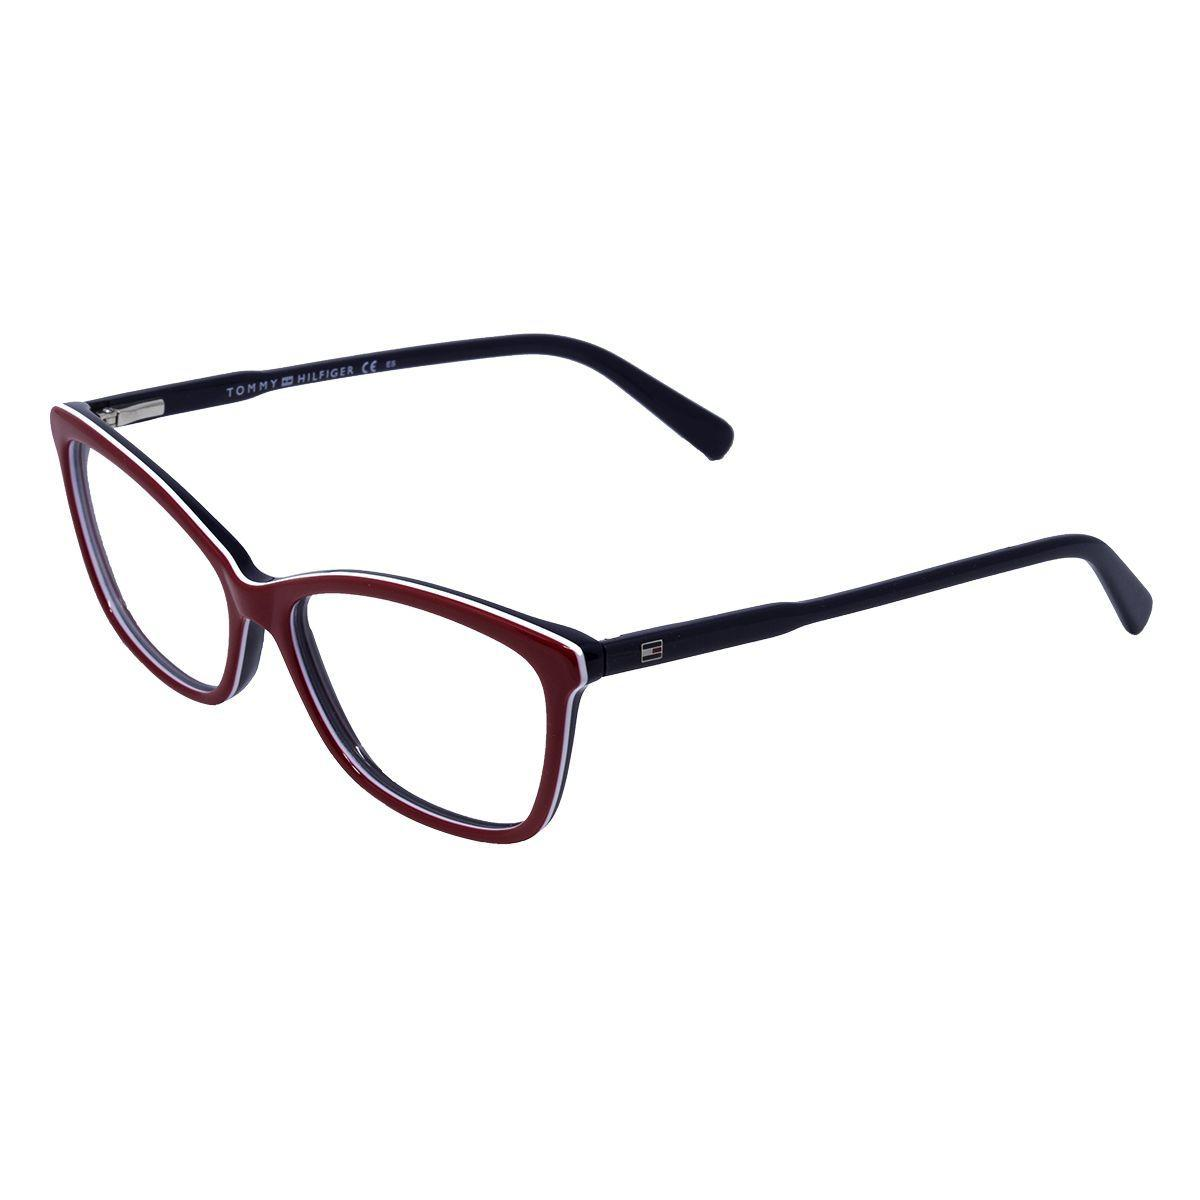 912f2789e Óculos de Grau Tommy Hilfiger Unissex TH1318 CVOY - Acetato Vermelho,  Branco e Azul R$ 405,00 à vista. Adicionar à sacola